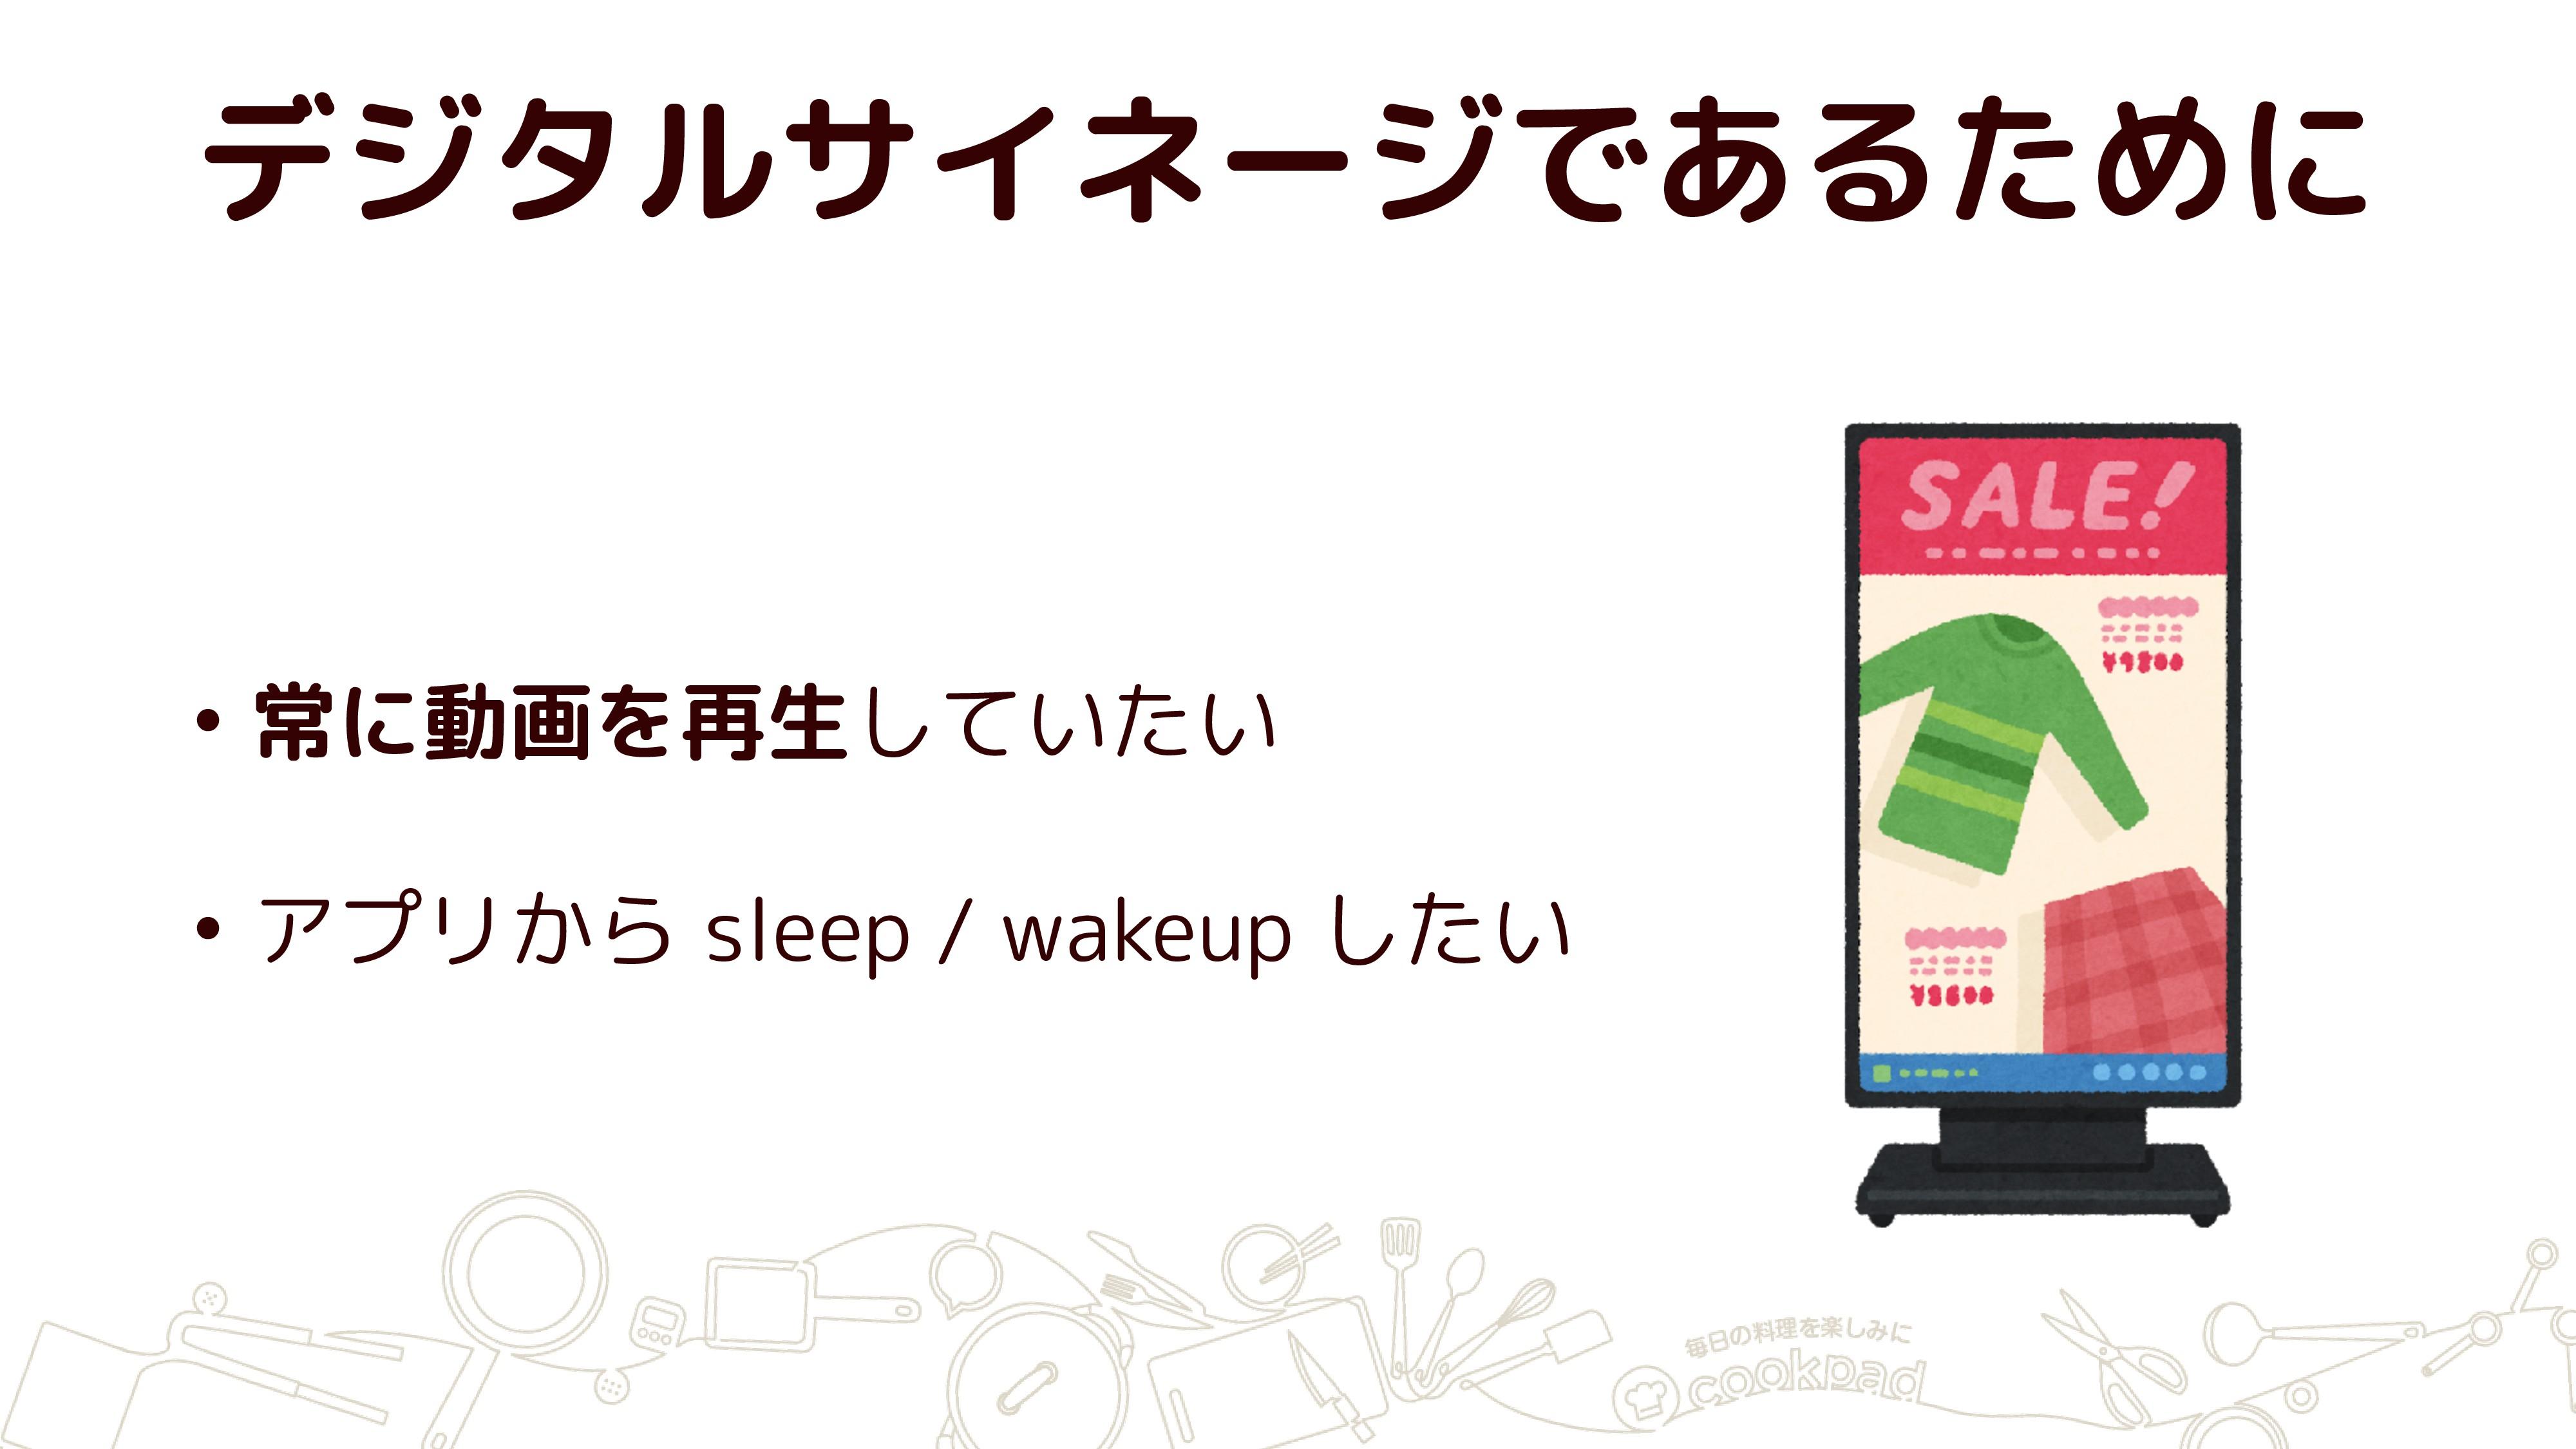 デジタルサイネージであるために • 常に動画を再生していたい • アプリから sleep / ...